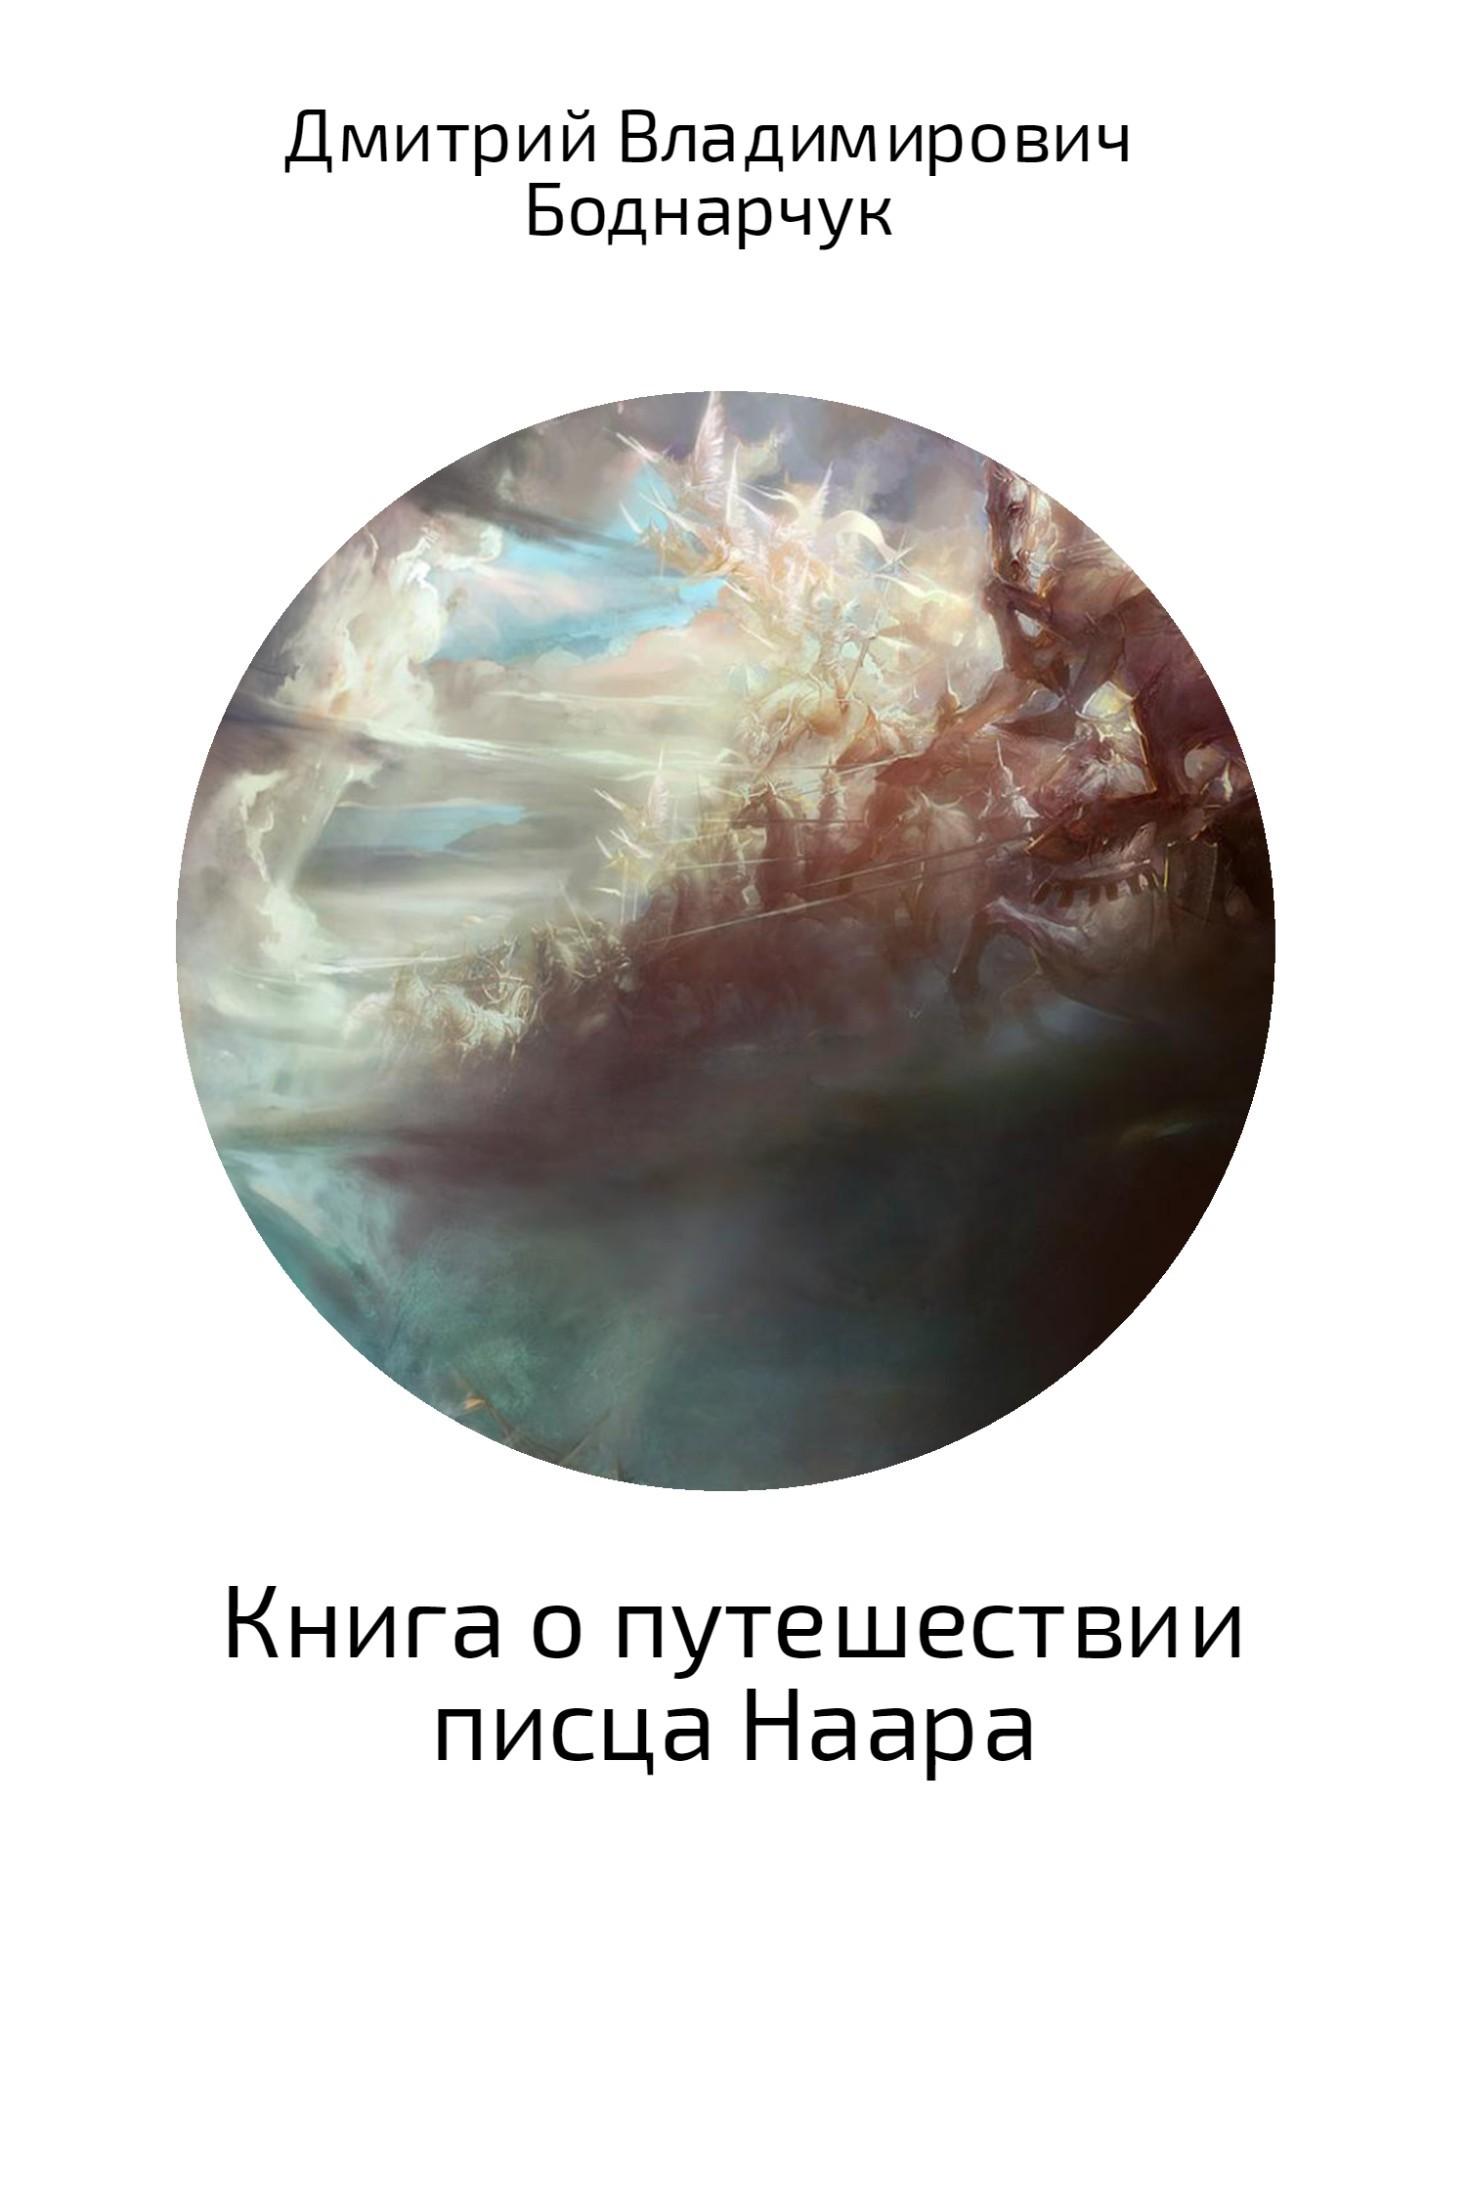 Дмитрий Владимирович Боднарчук Книга о путешествии писца Наара ираклий андроников рассказывает